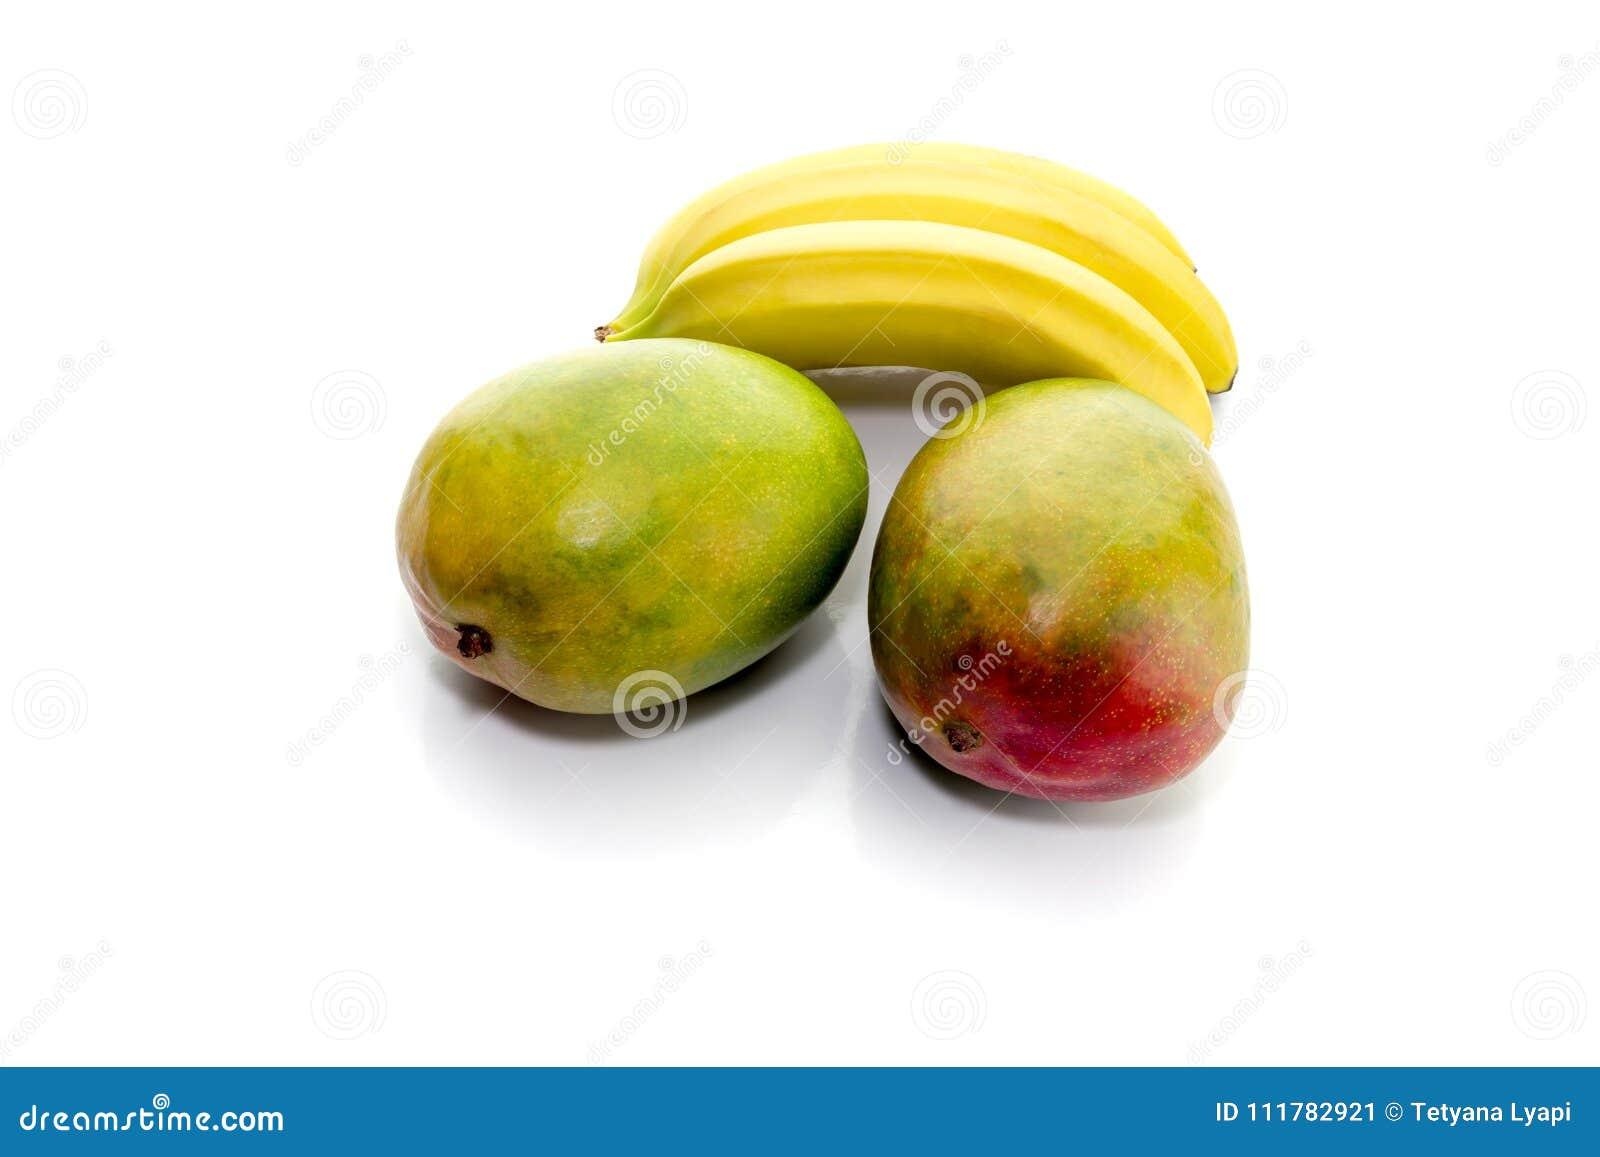 Bananen und Mango auf einem weißen Hintergrund